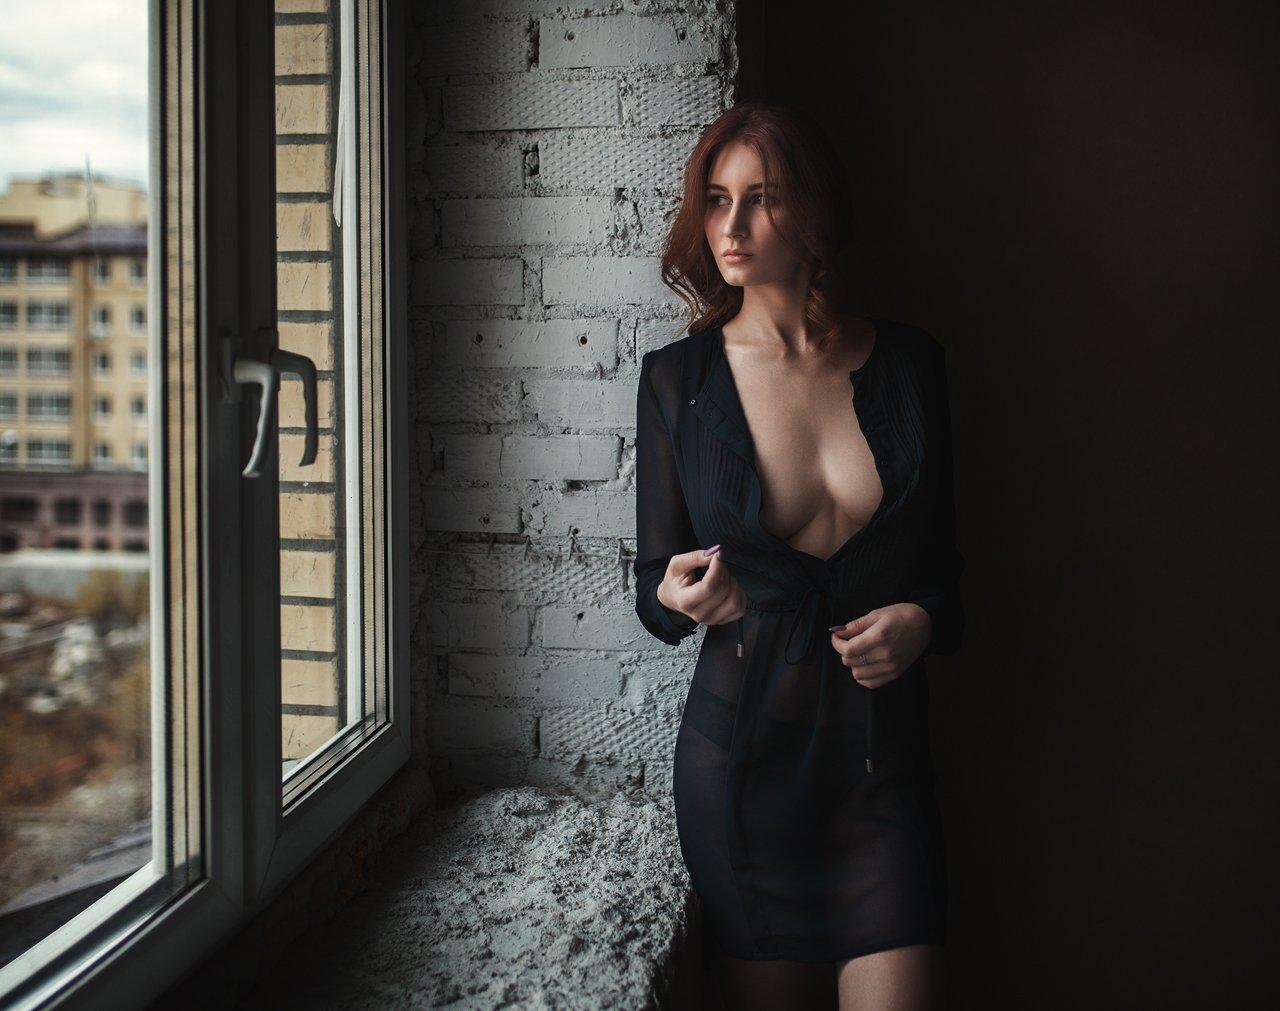 портрет, девушка, окно, свет, тень, грудь, Александр Губель